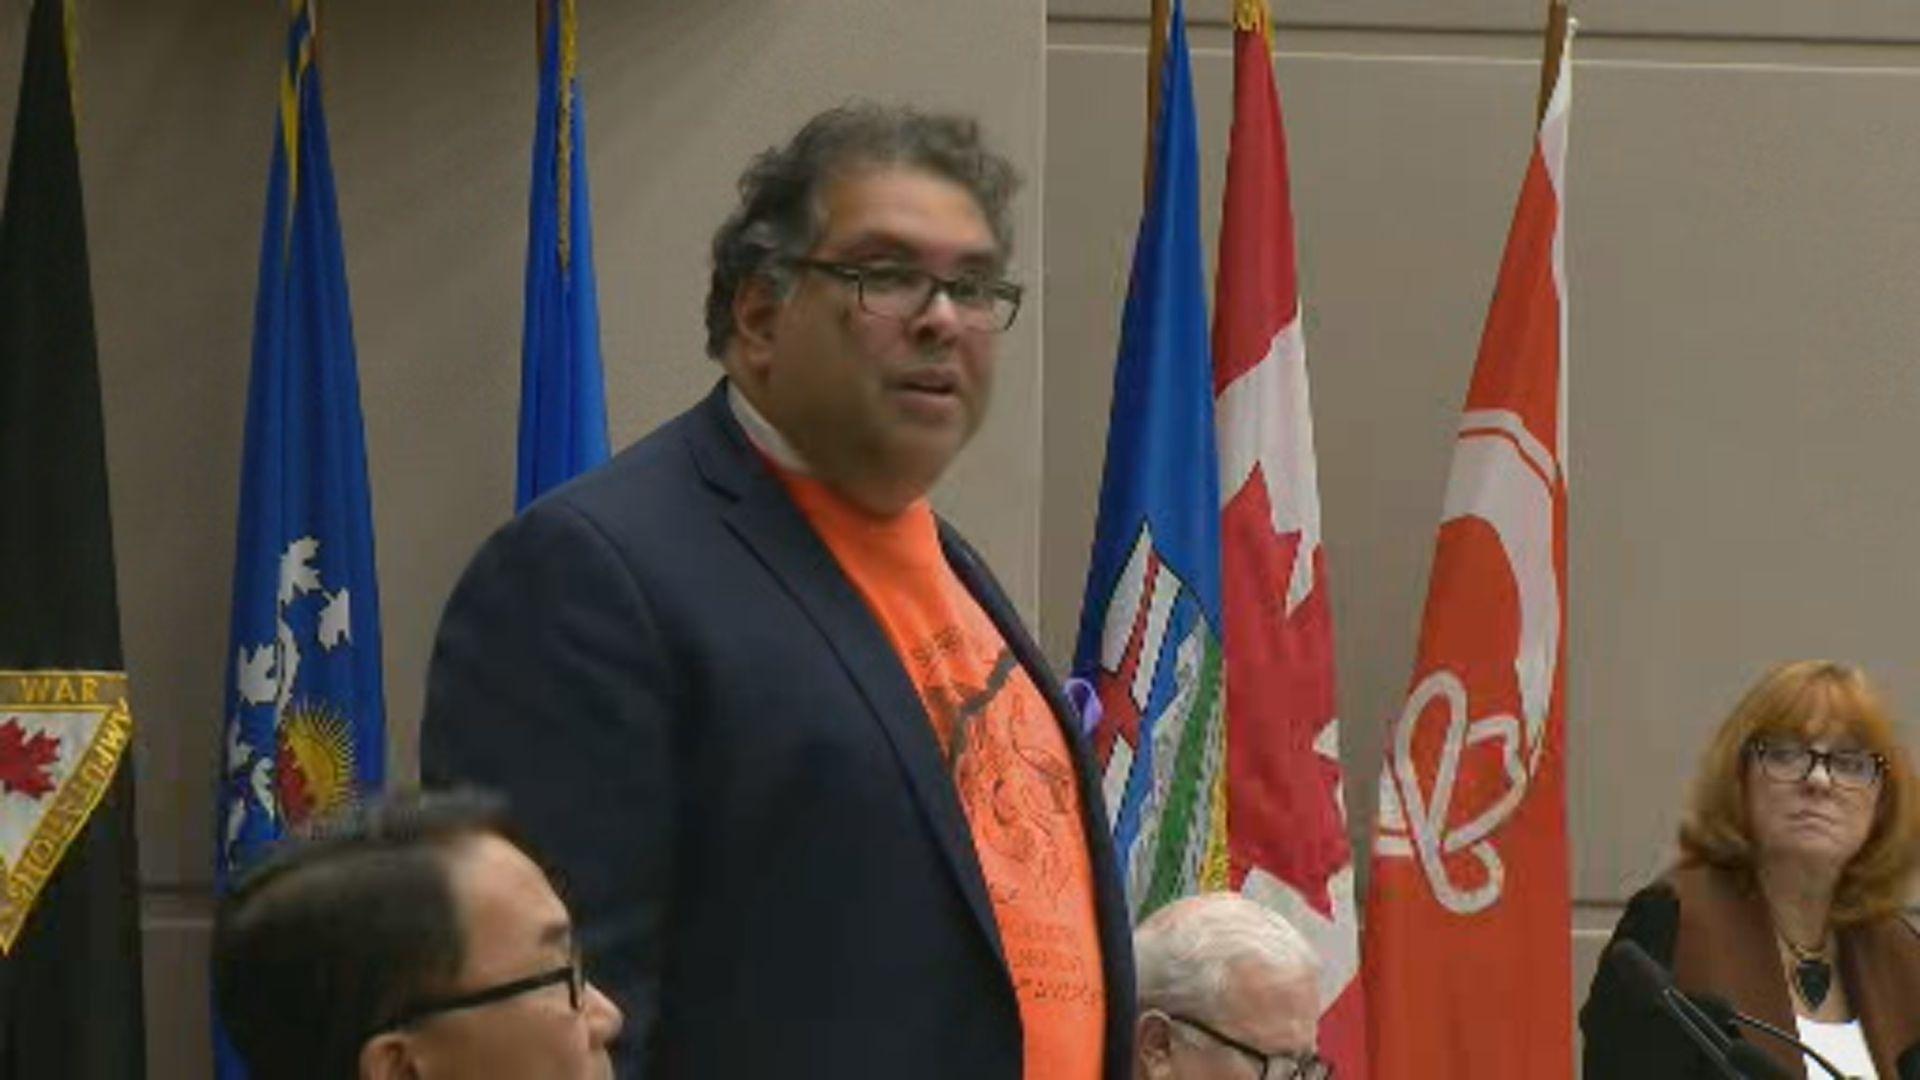 Calgary unanimously votes to condemn Quebec's Bill 21